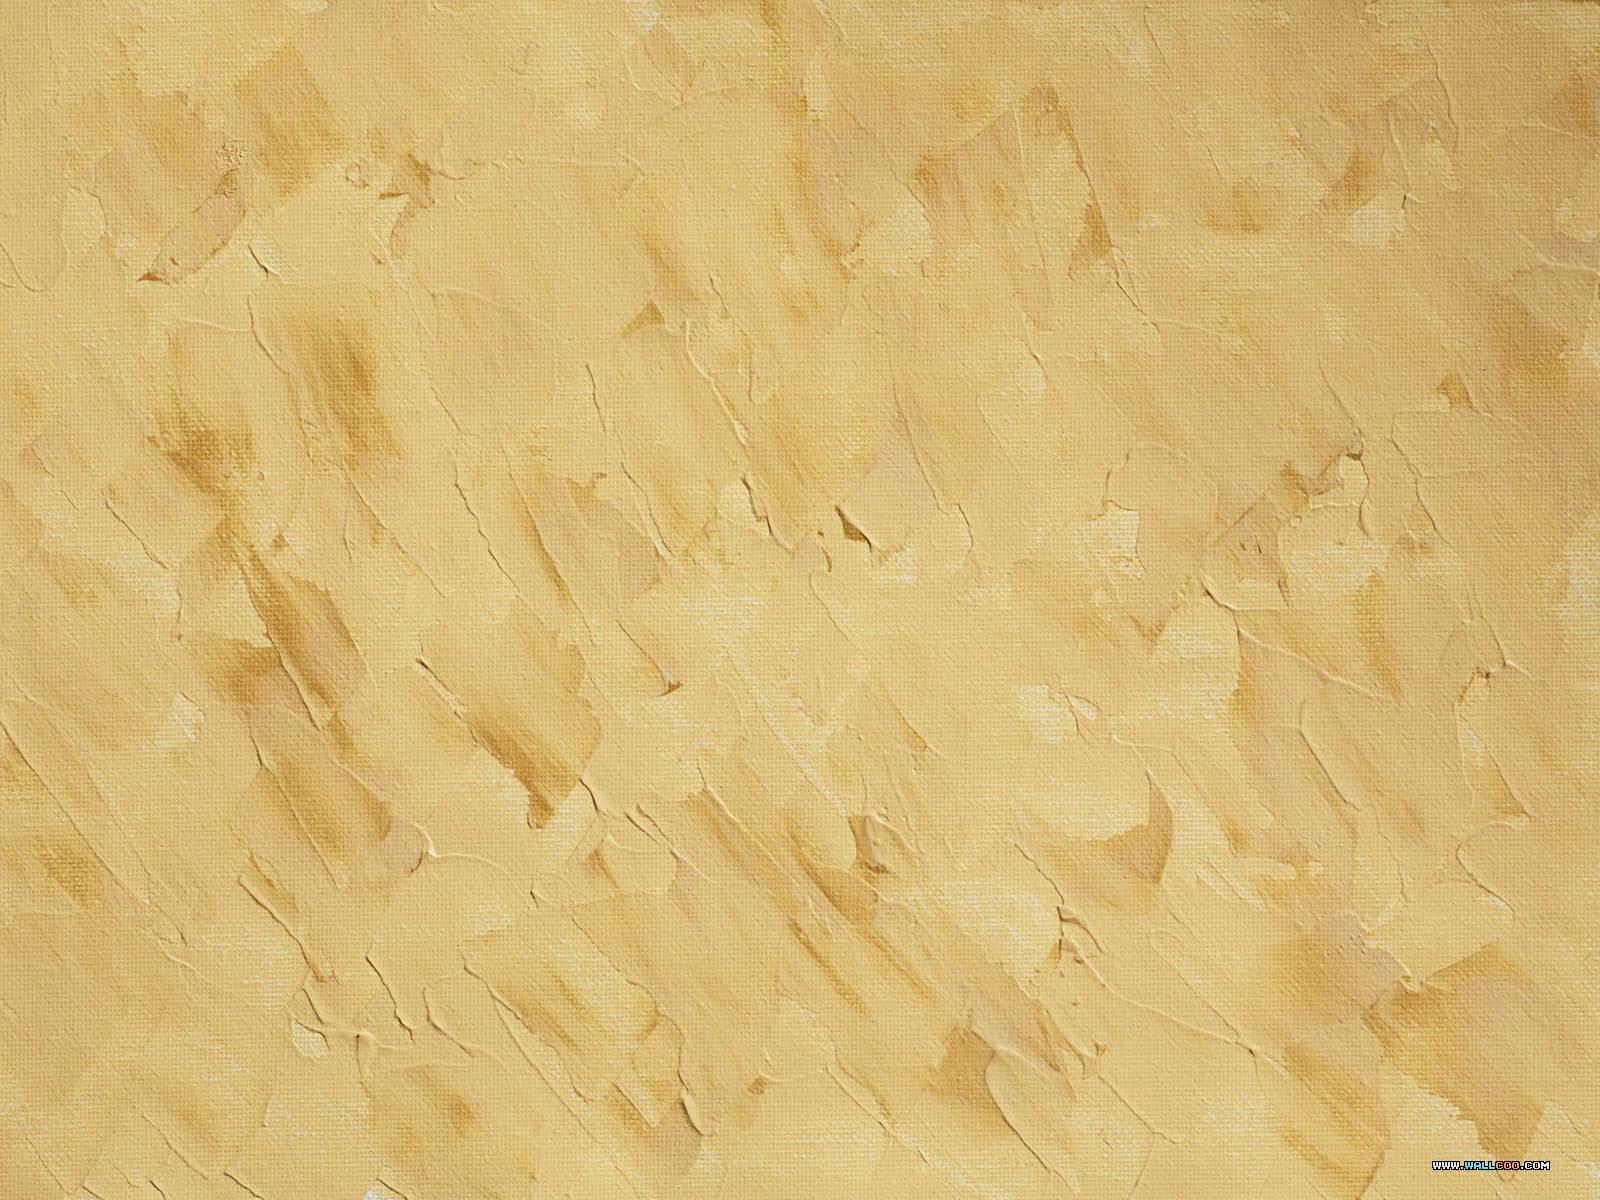 texture background wallpaper high resolution 16001200 NO38 Wallpaper 1600x1200